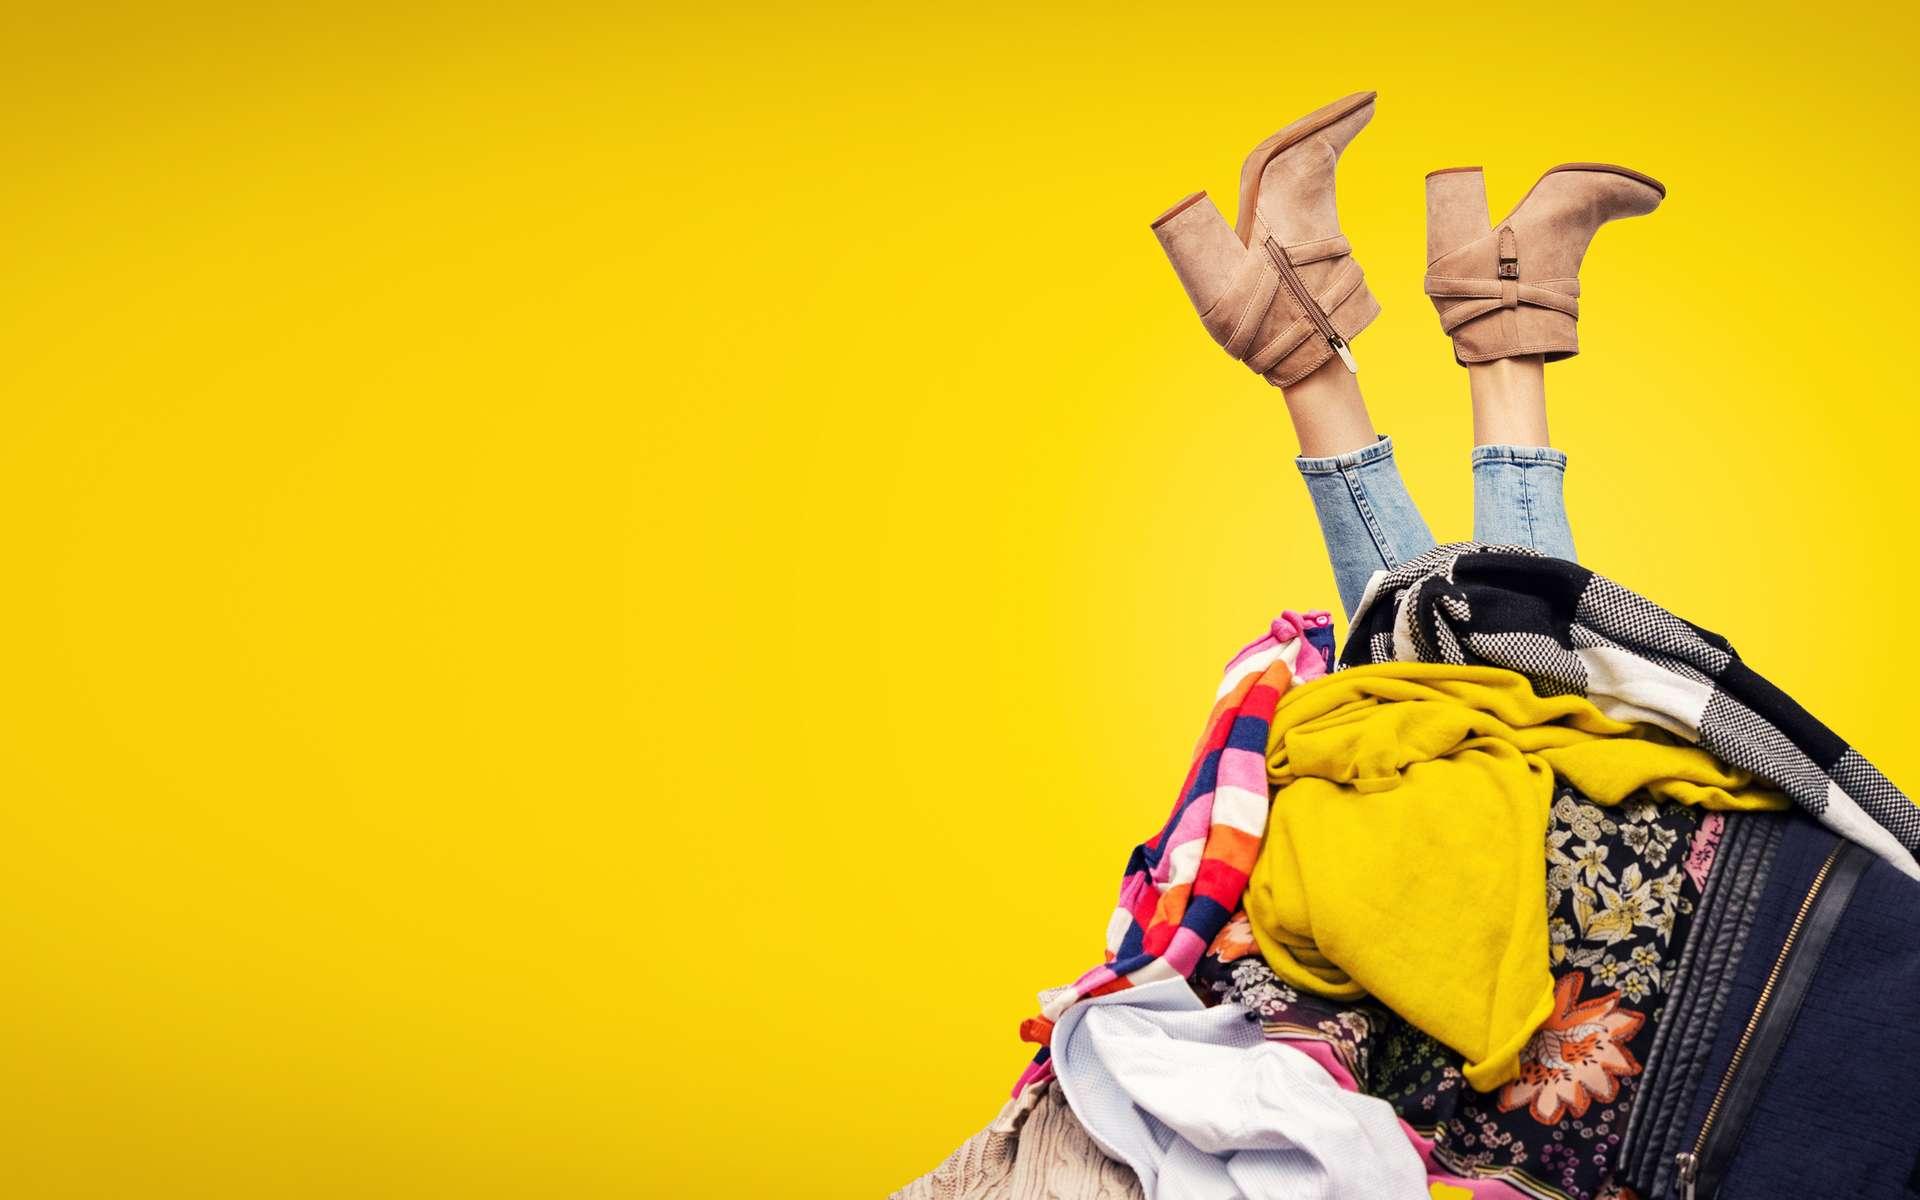 La location de vêtements aurait un impact environnemental pire que de les jeter. © ronstik, Adobe Stock